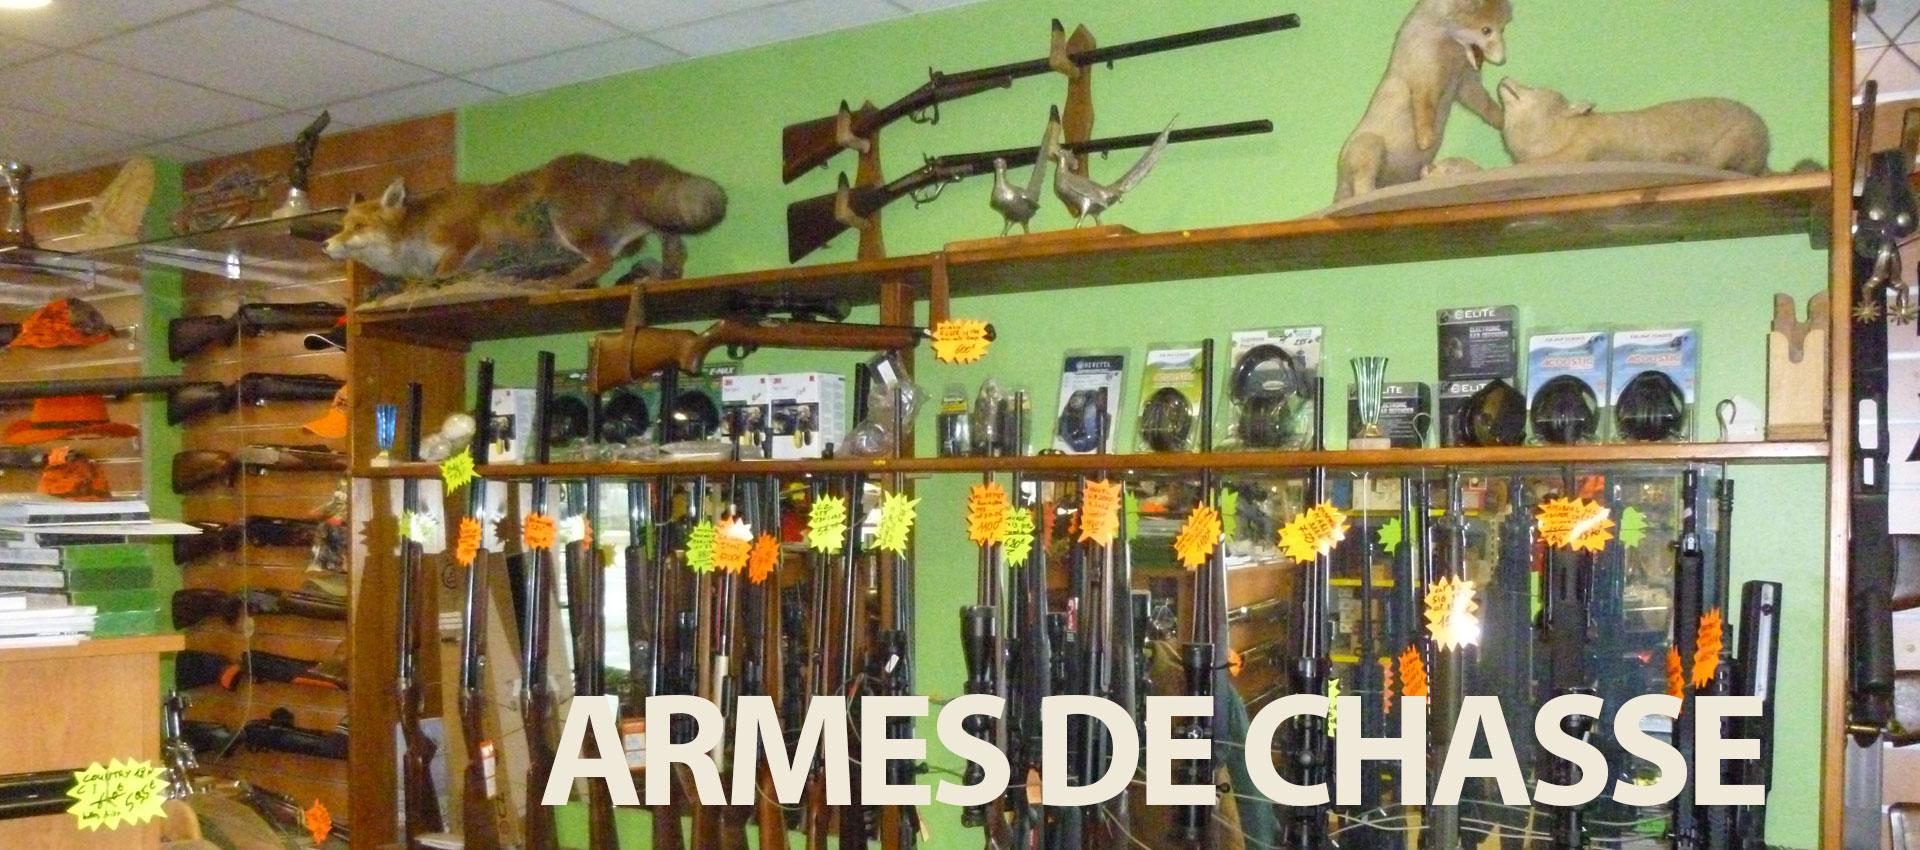 TIR 2000 fusil de chasse Montbéliard